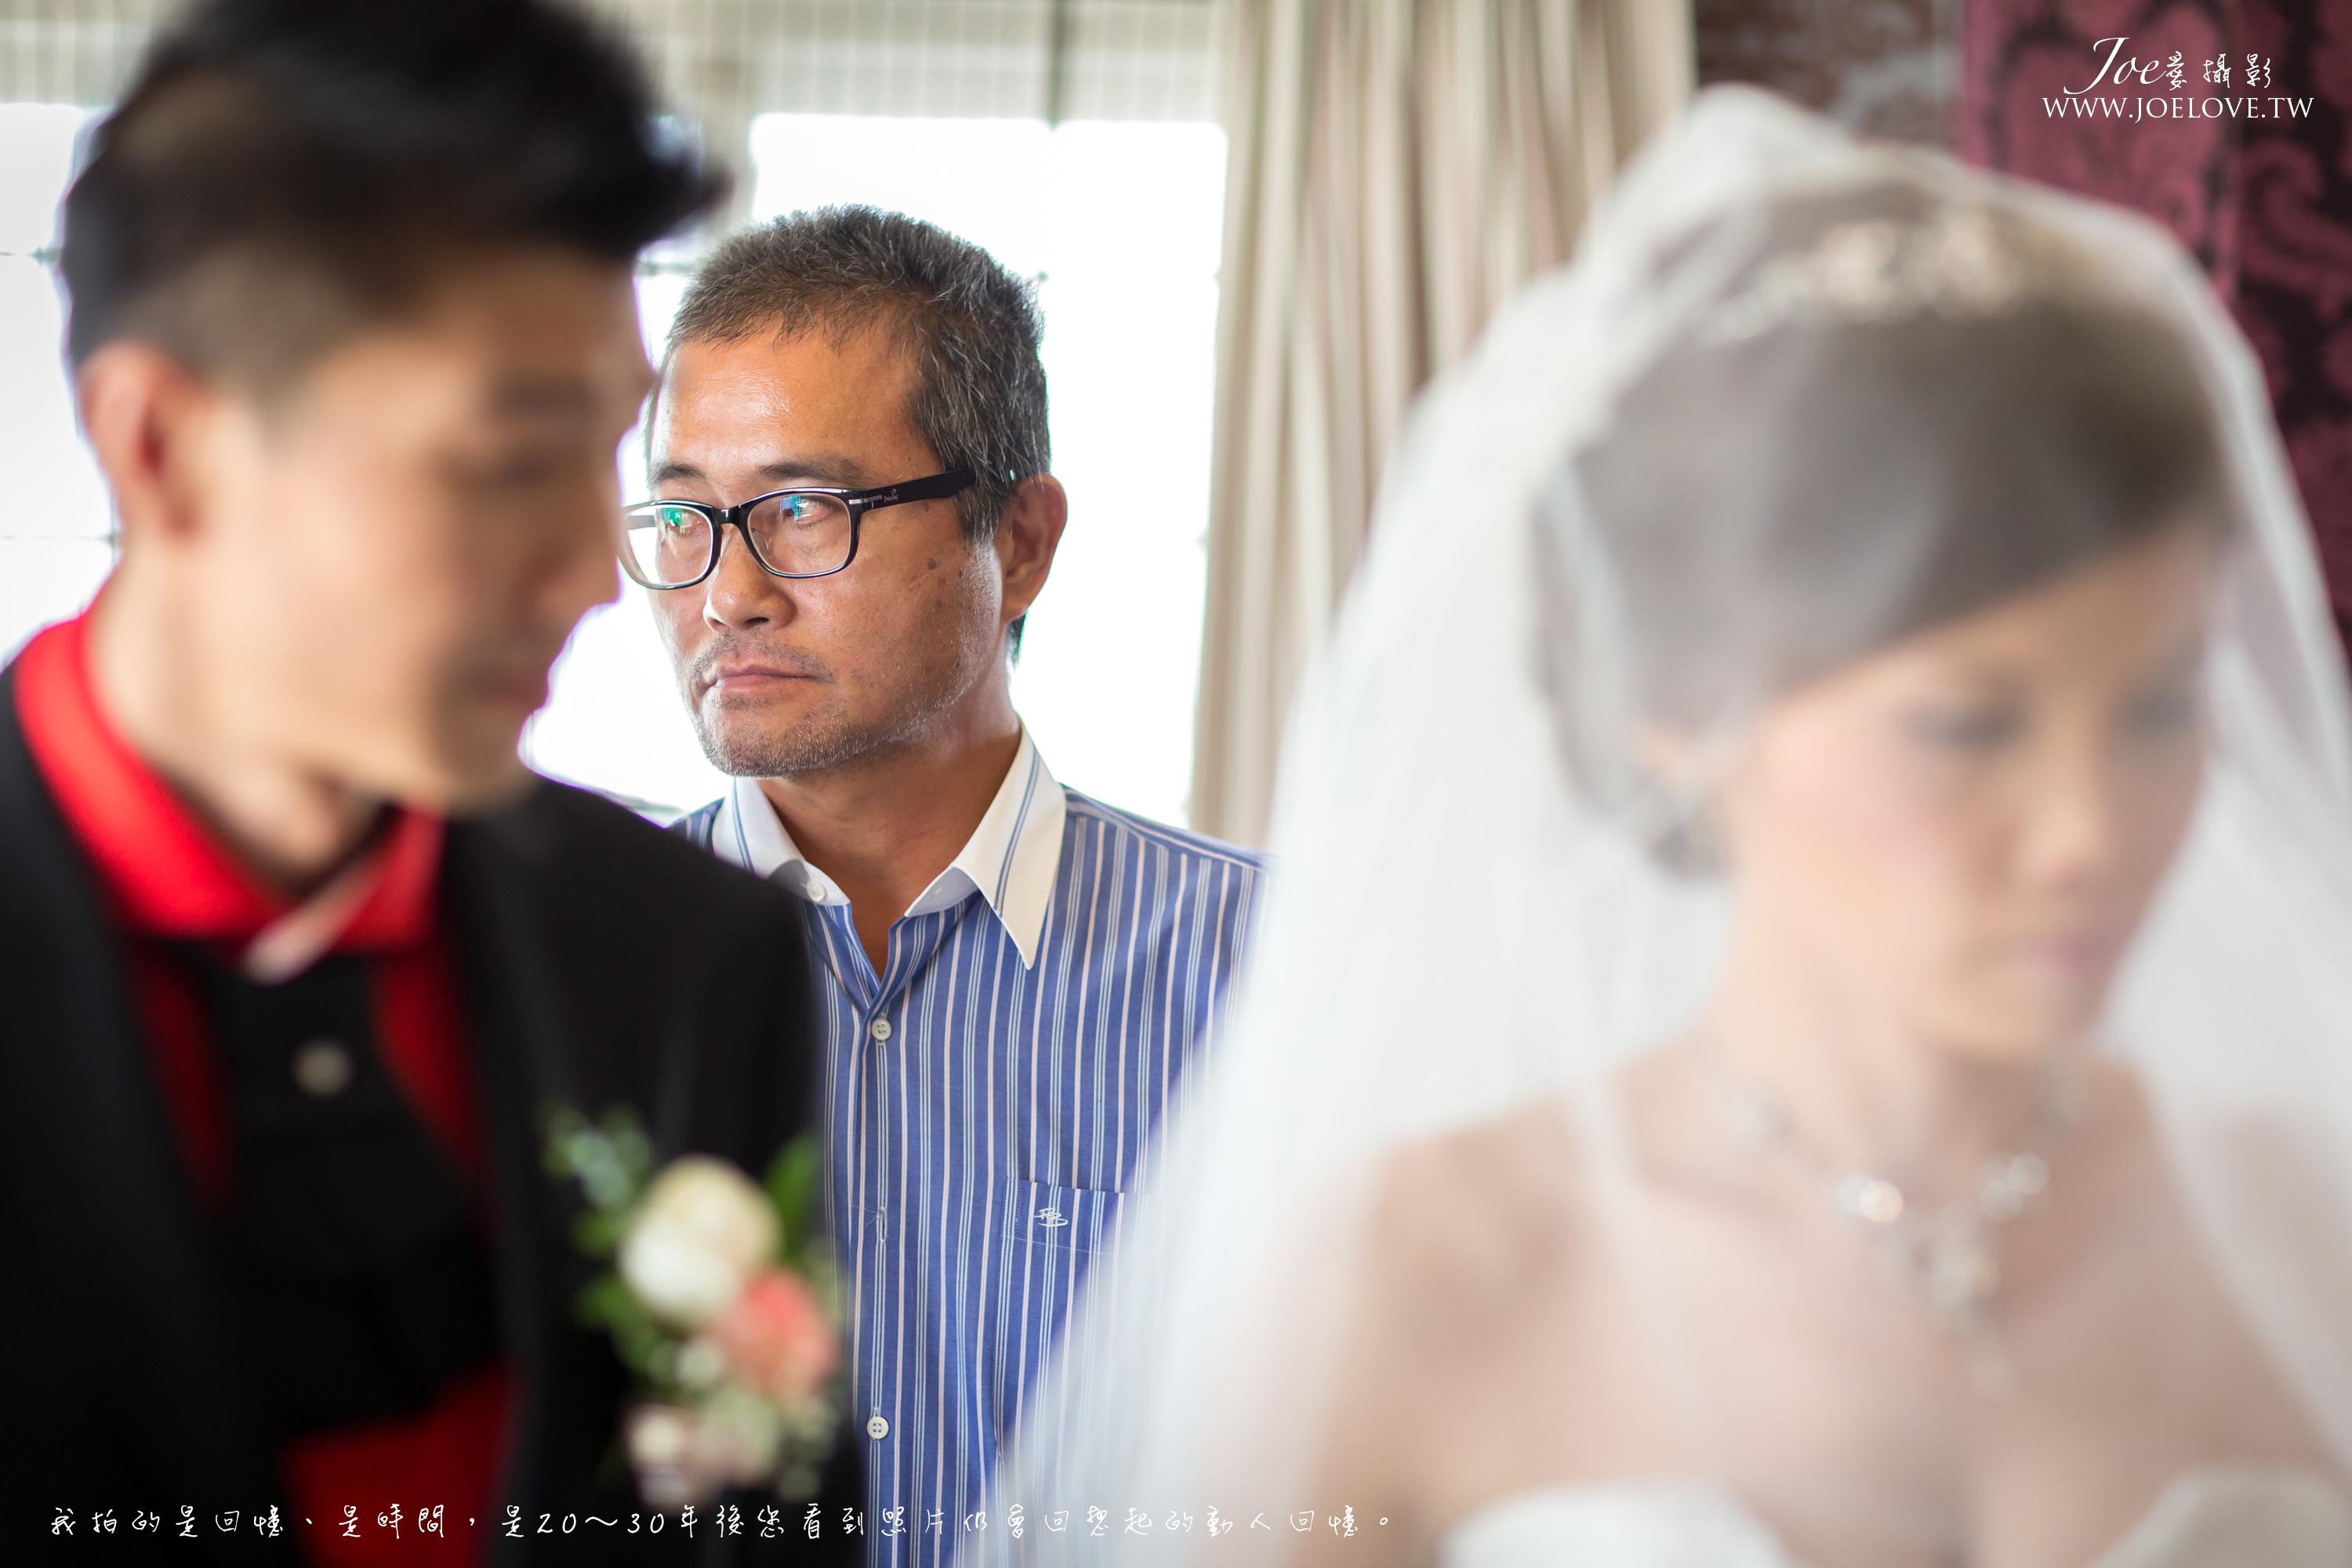 婚禮攝影 員林新天地 筱岳+鈺齡 結婚紀錄